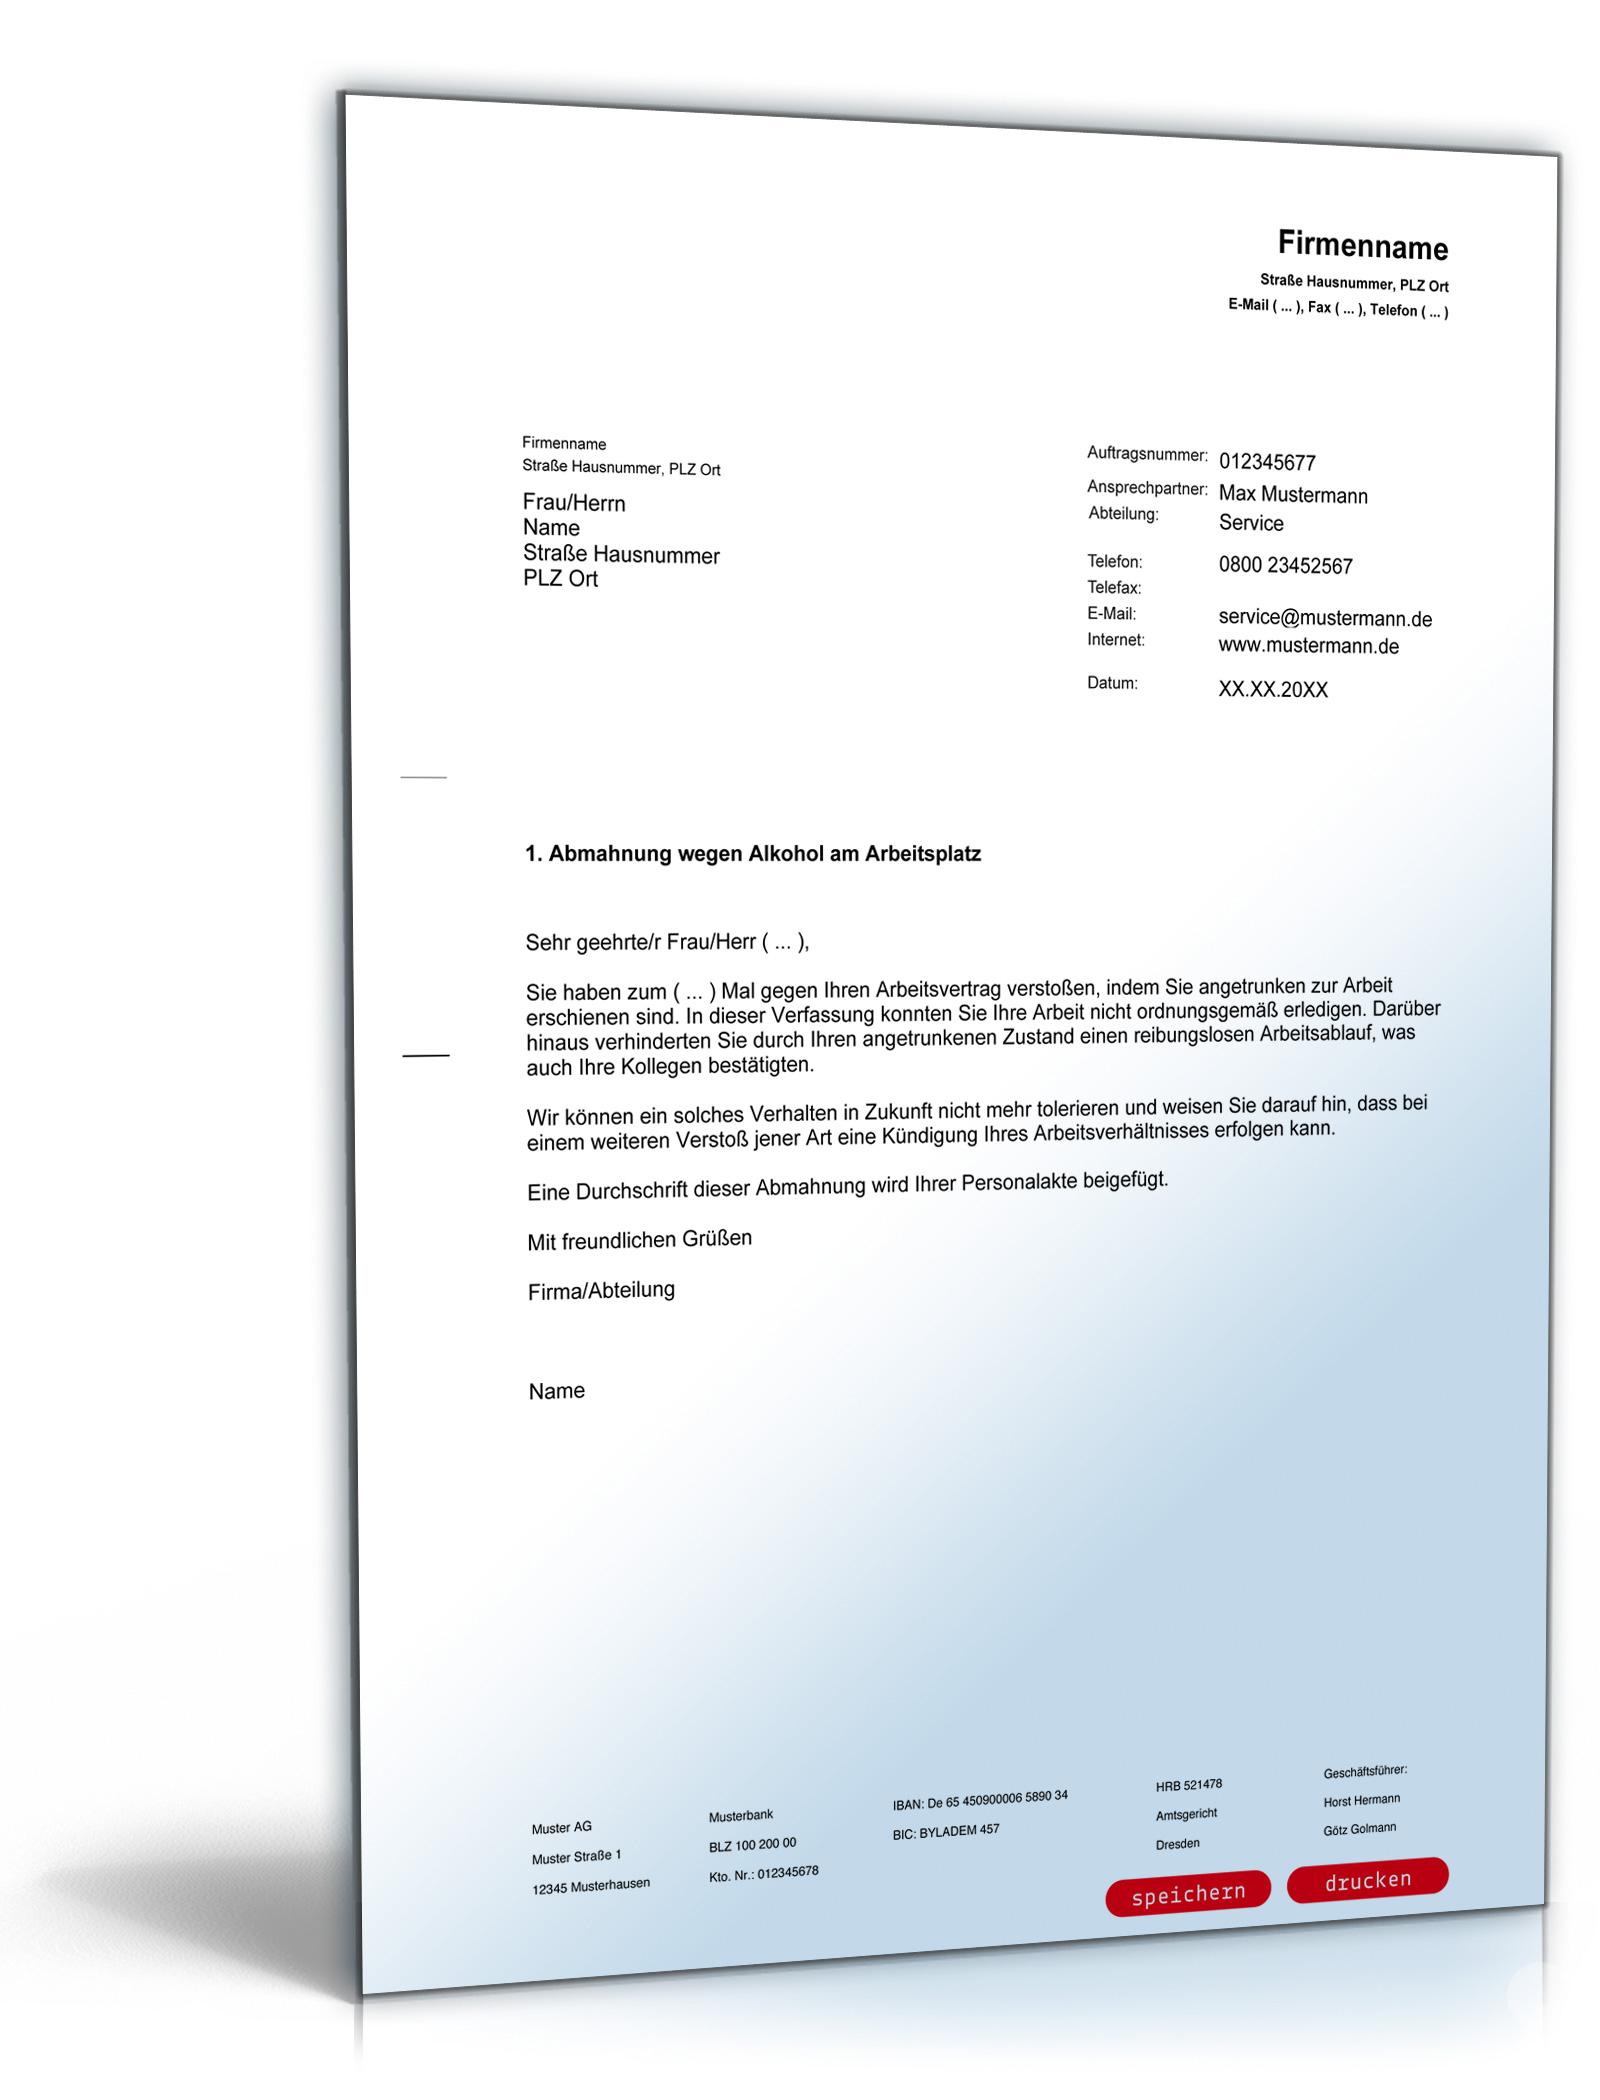 Erfreut Leasingvertrag Kostenlose Vorlage Ideen - Entry Level Resume ...